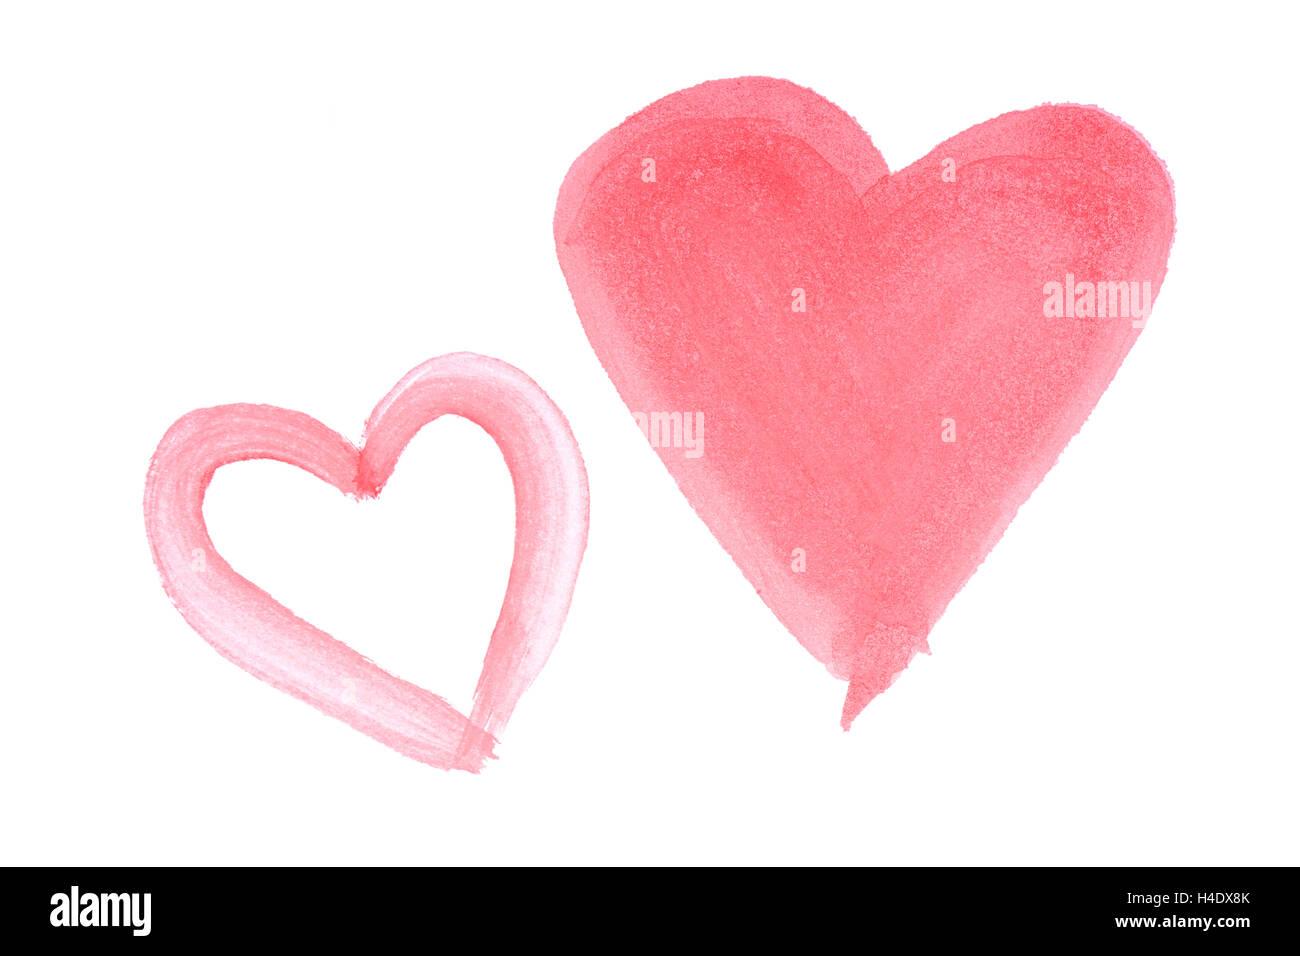 zwei handbemalte rote Aquarelle Herzen isoliert auf weißem Hintergrund Stockbild